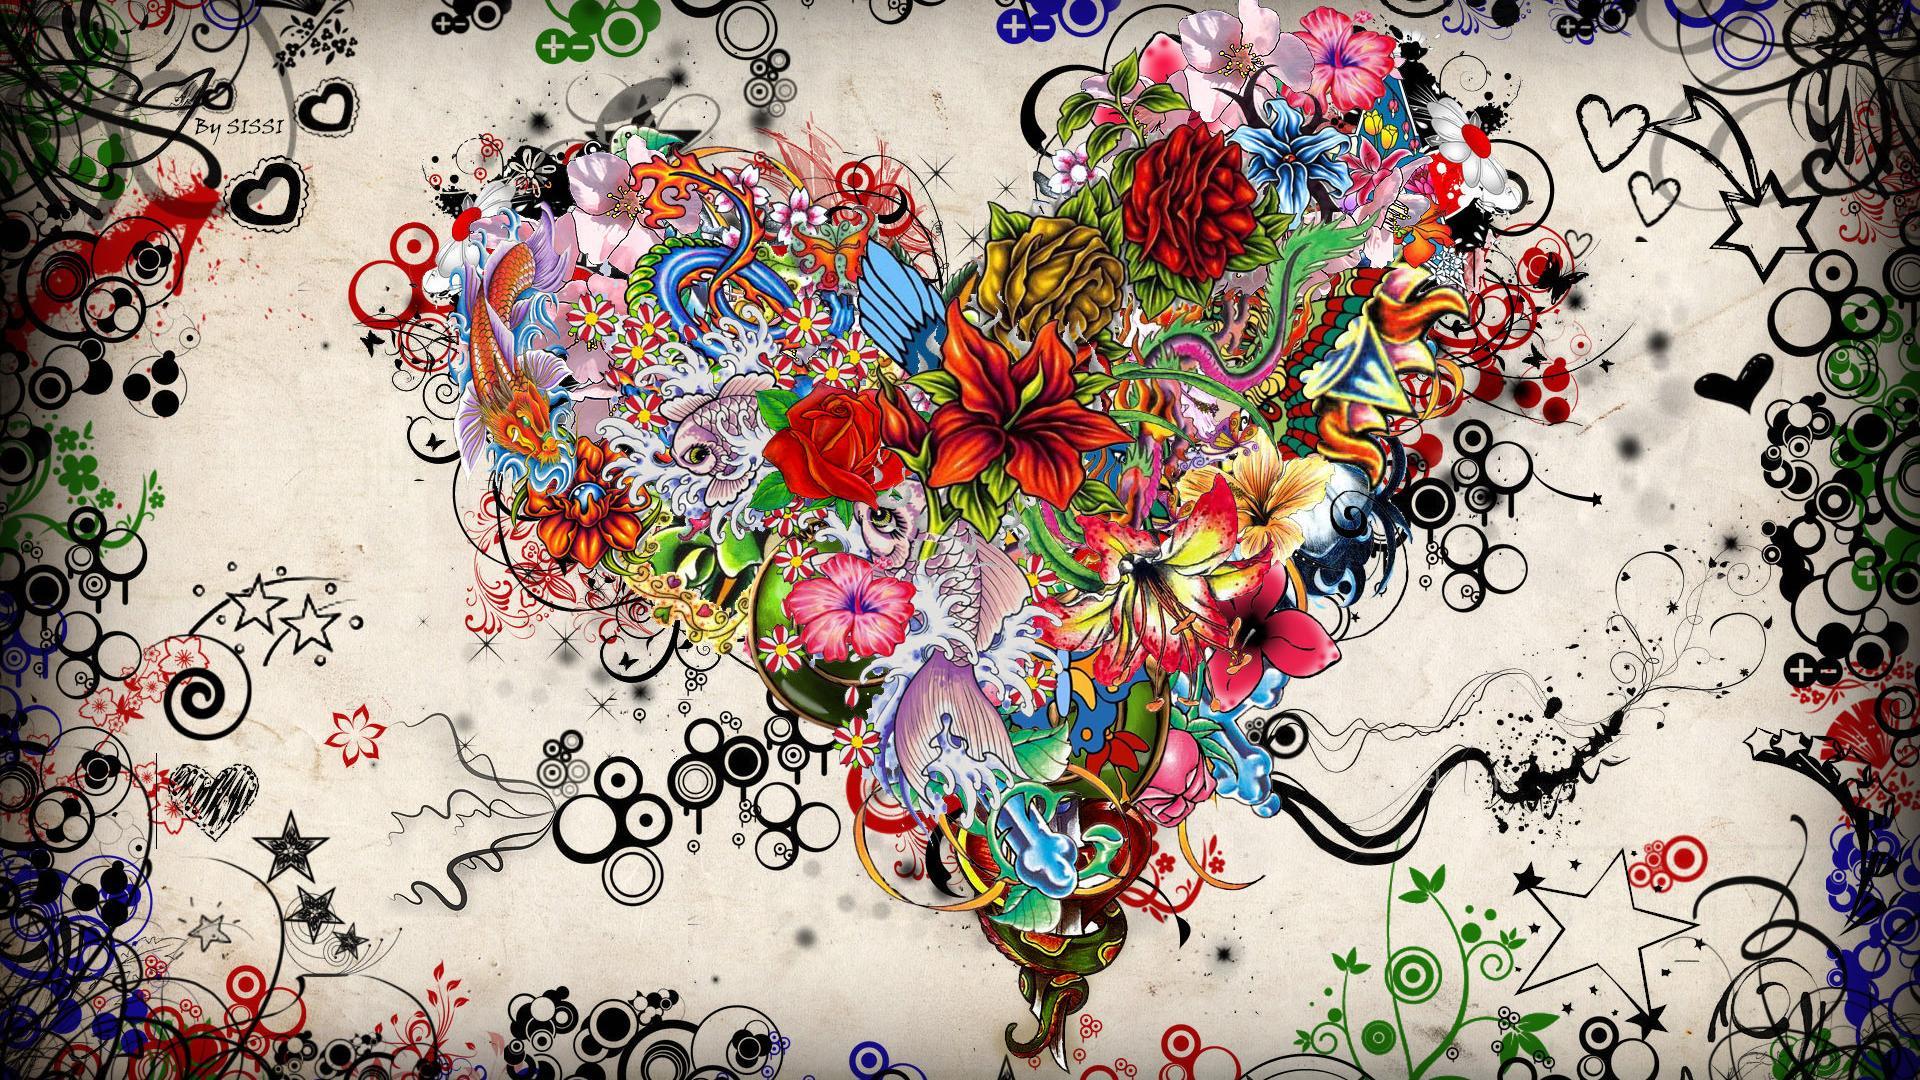 Love Heart Wallpaper Hd: 90 Days To Spiritual Enlightenment